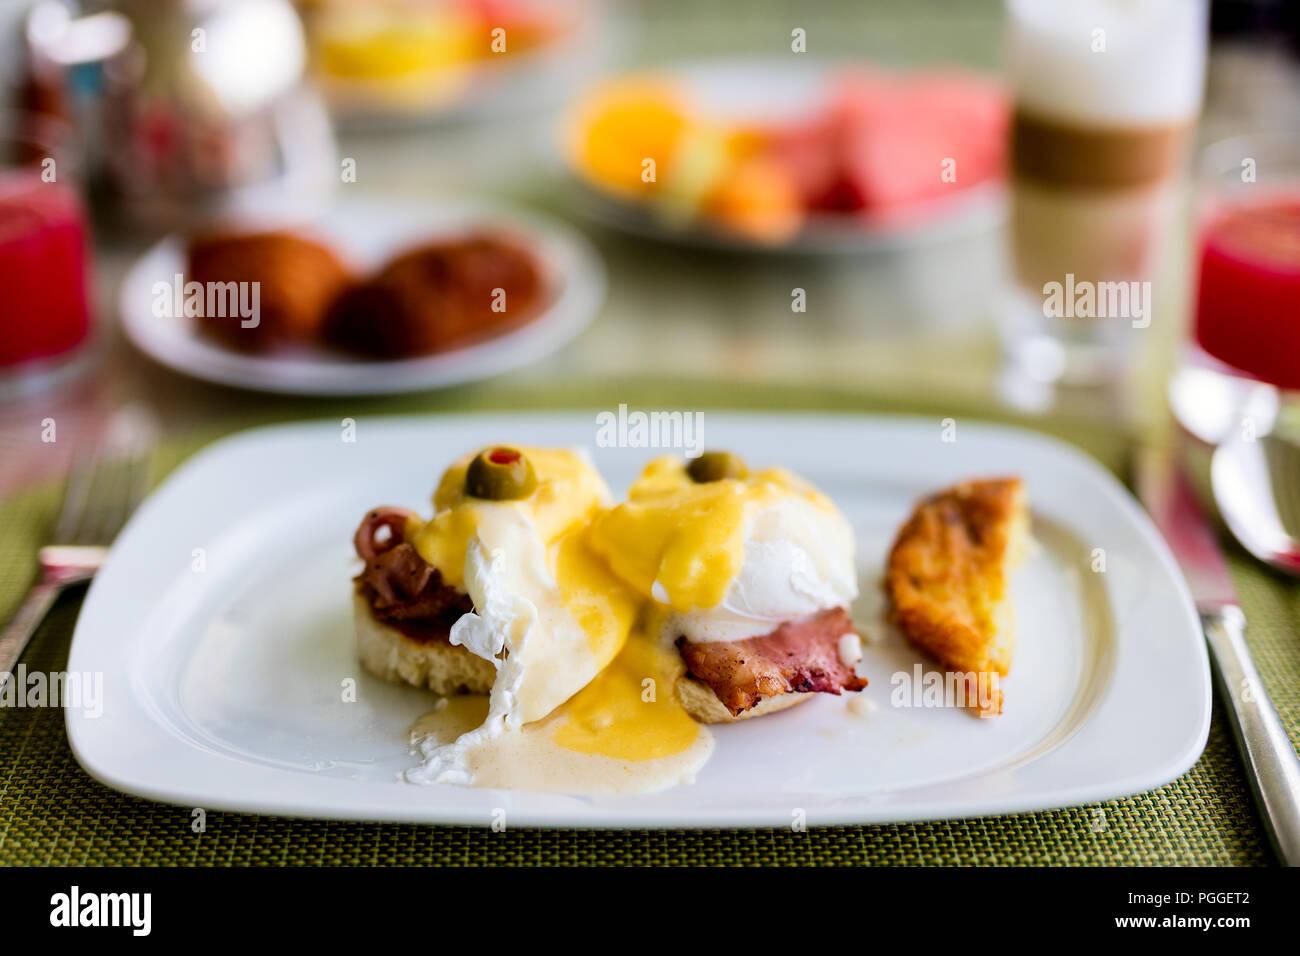 Délicieux petit déjeuner avec des œufs Bénédicte et café Photo Stock